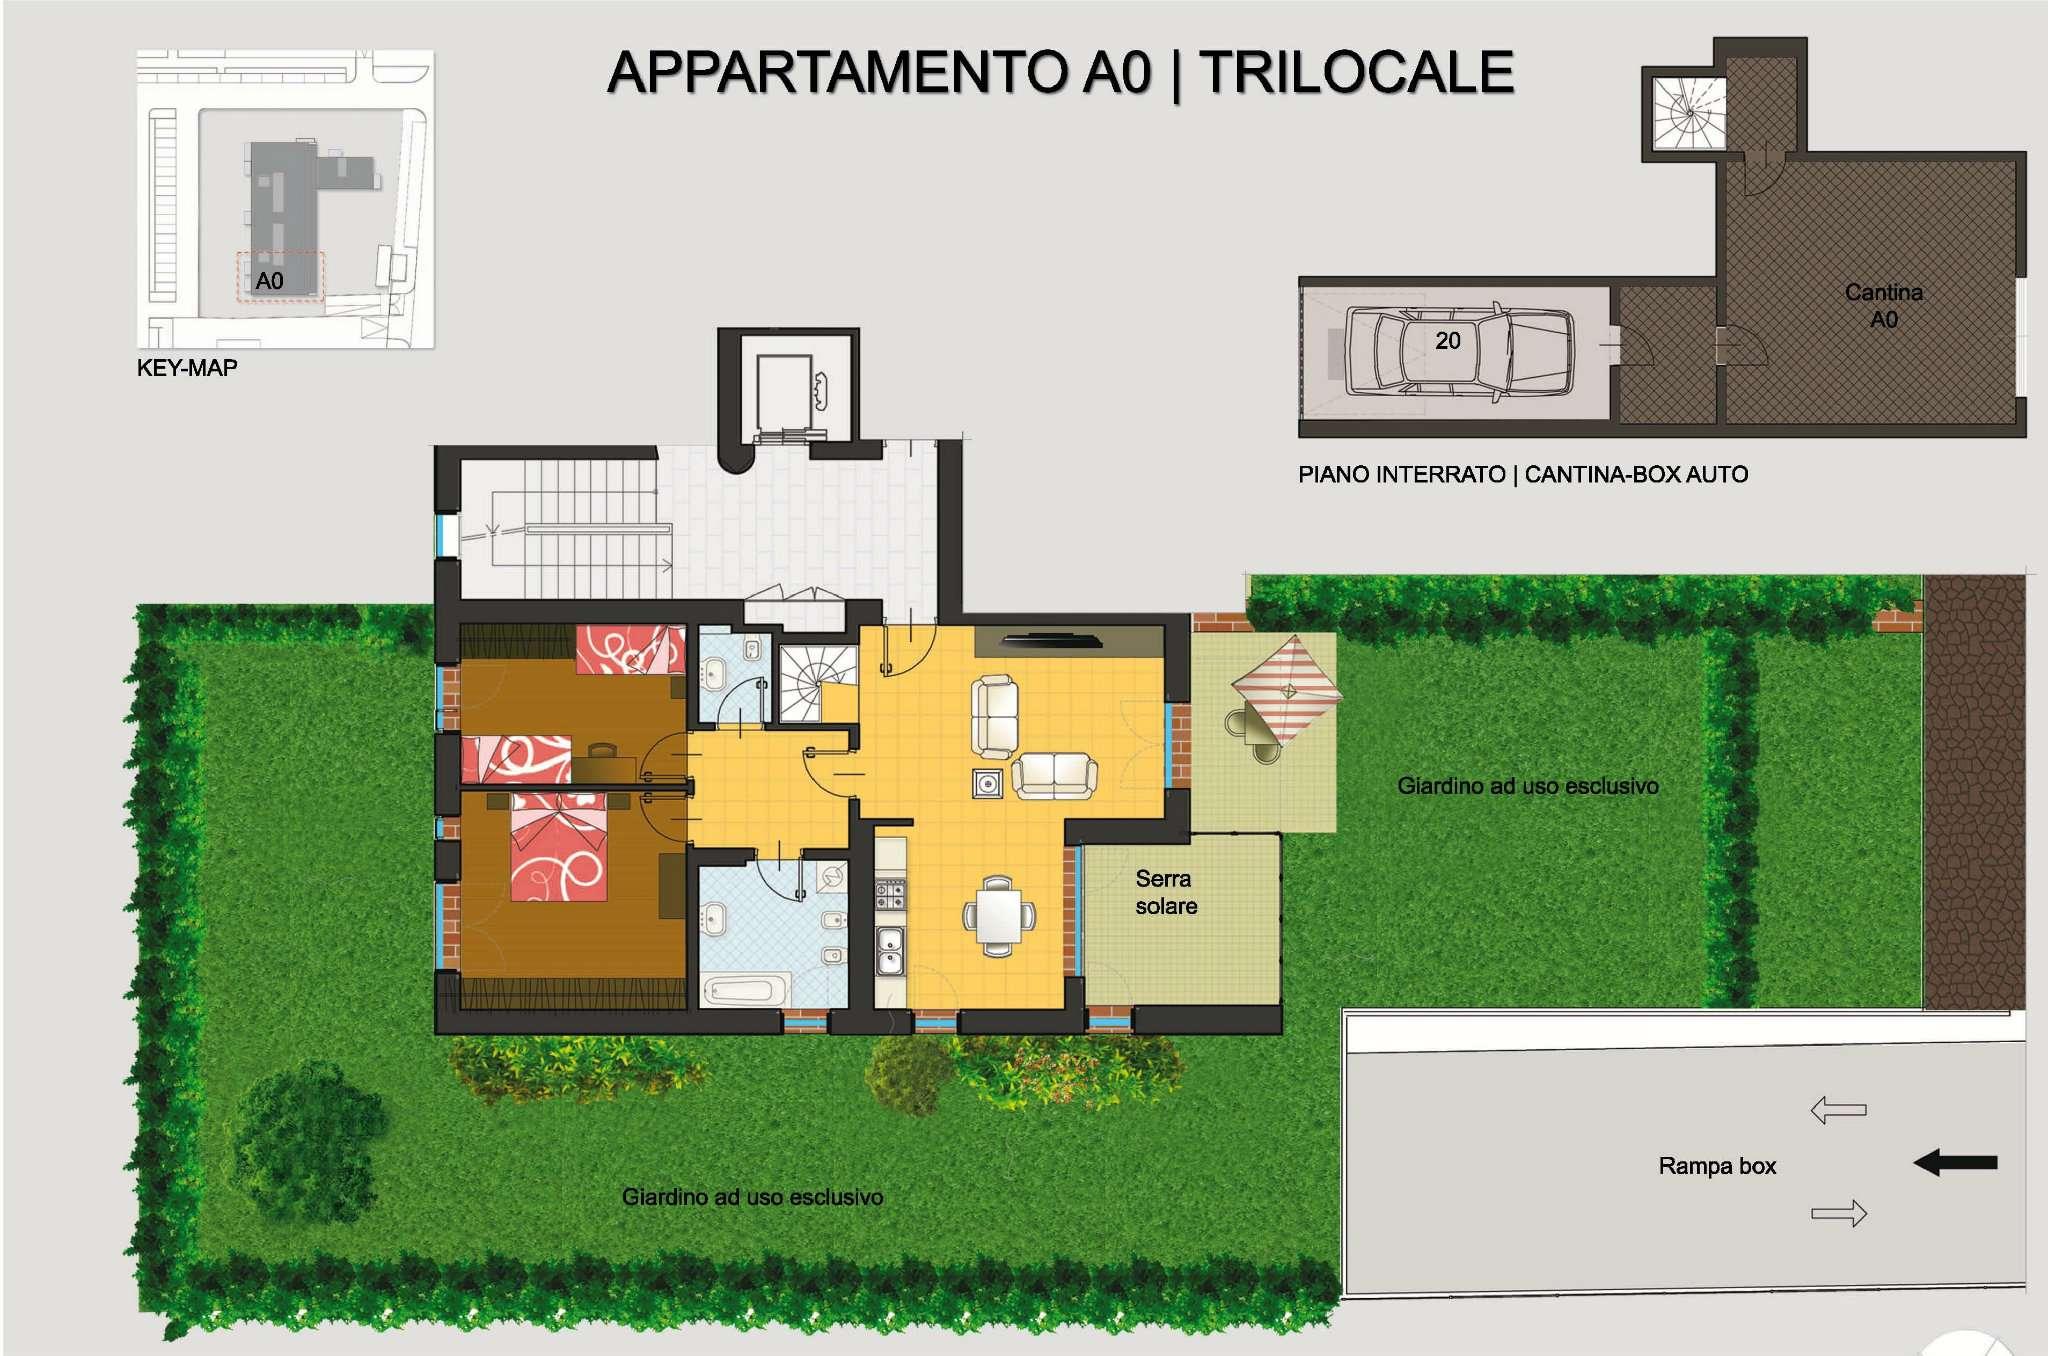 Appartamento in vendita a Pregnana Milanese, 3 locali, prezzo € 318.000 | CambioCasa.it